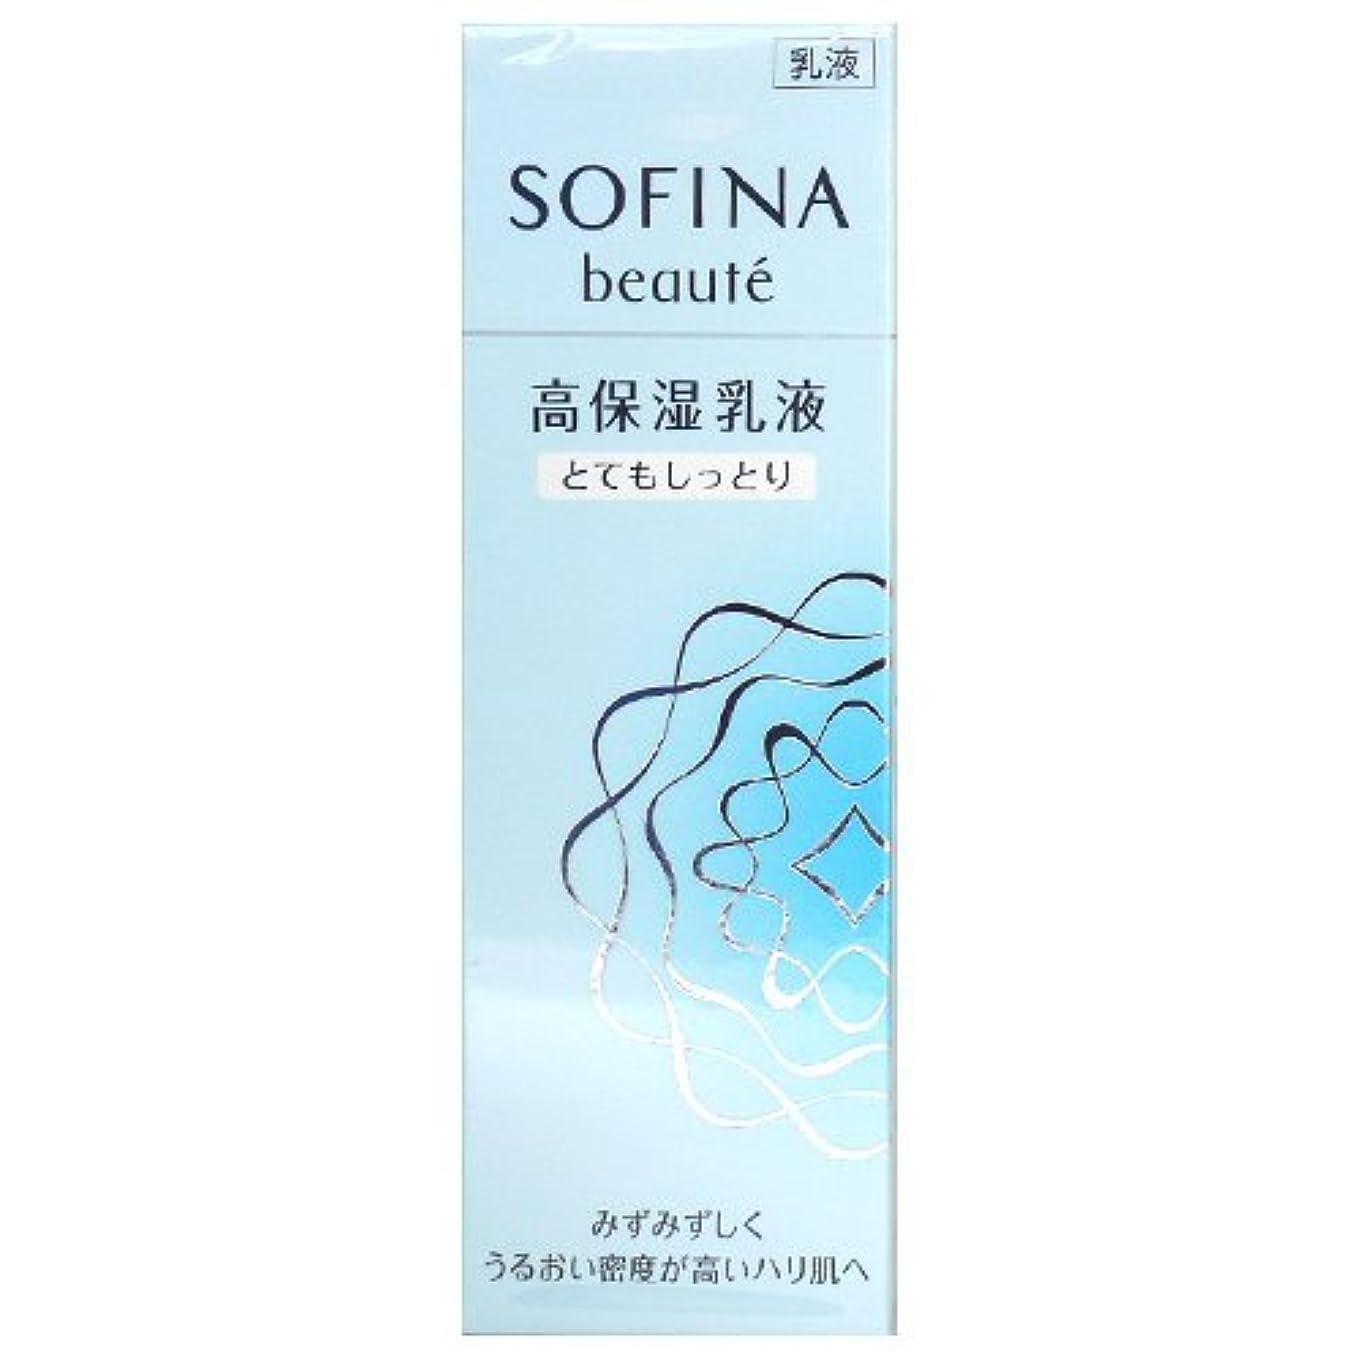 仕様衝撃シャンパン花王 ソフィーナ ボーテ SOFINA beaute 高保湿乳液 とてもしっとり 60g [並行輸入品]